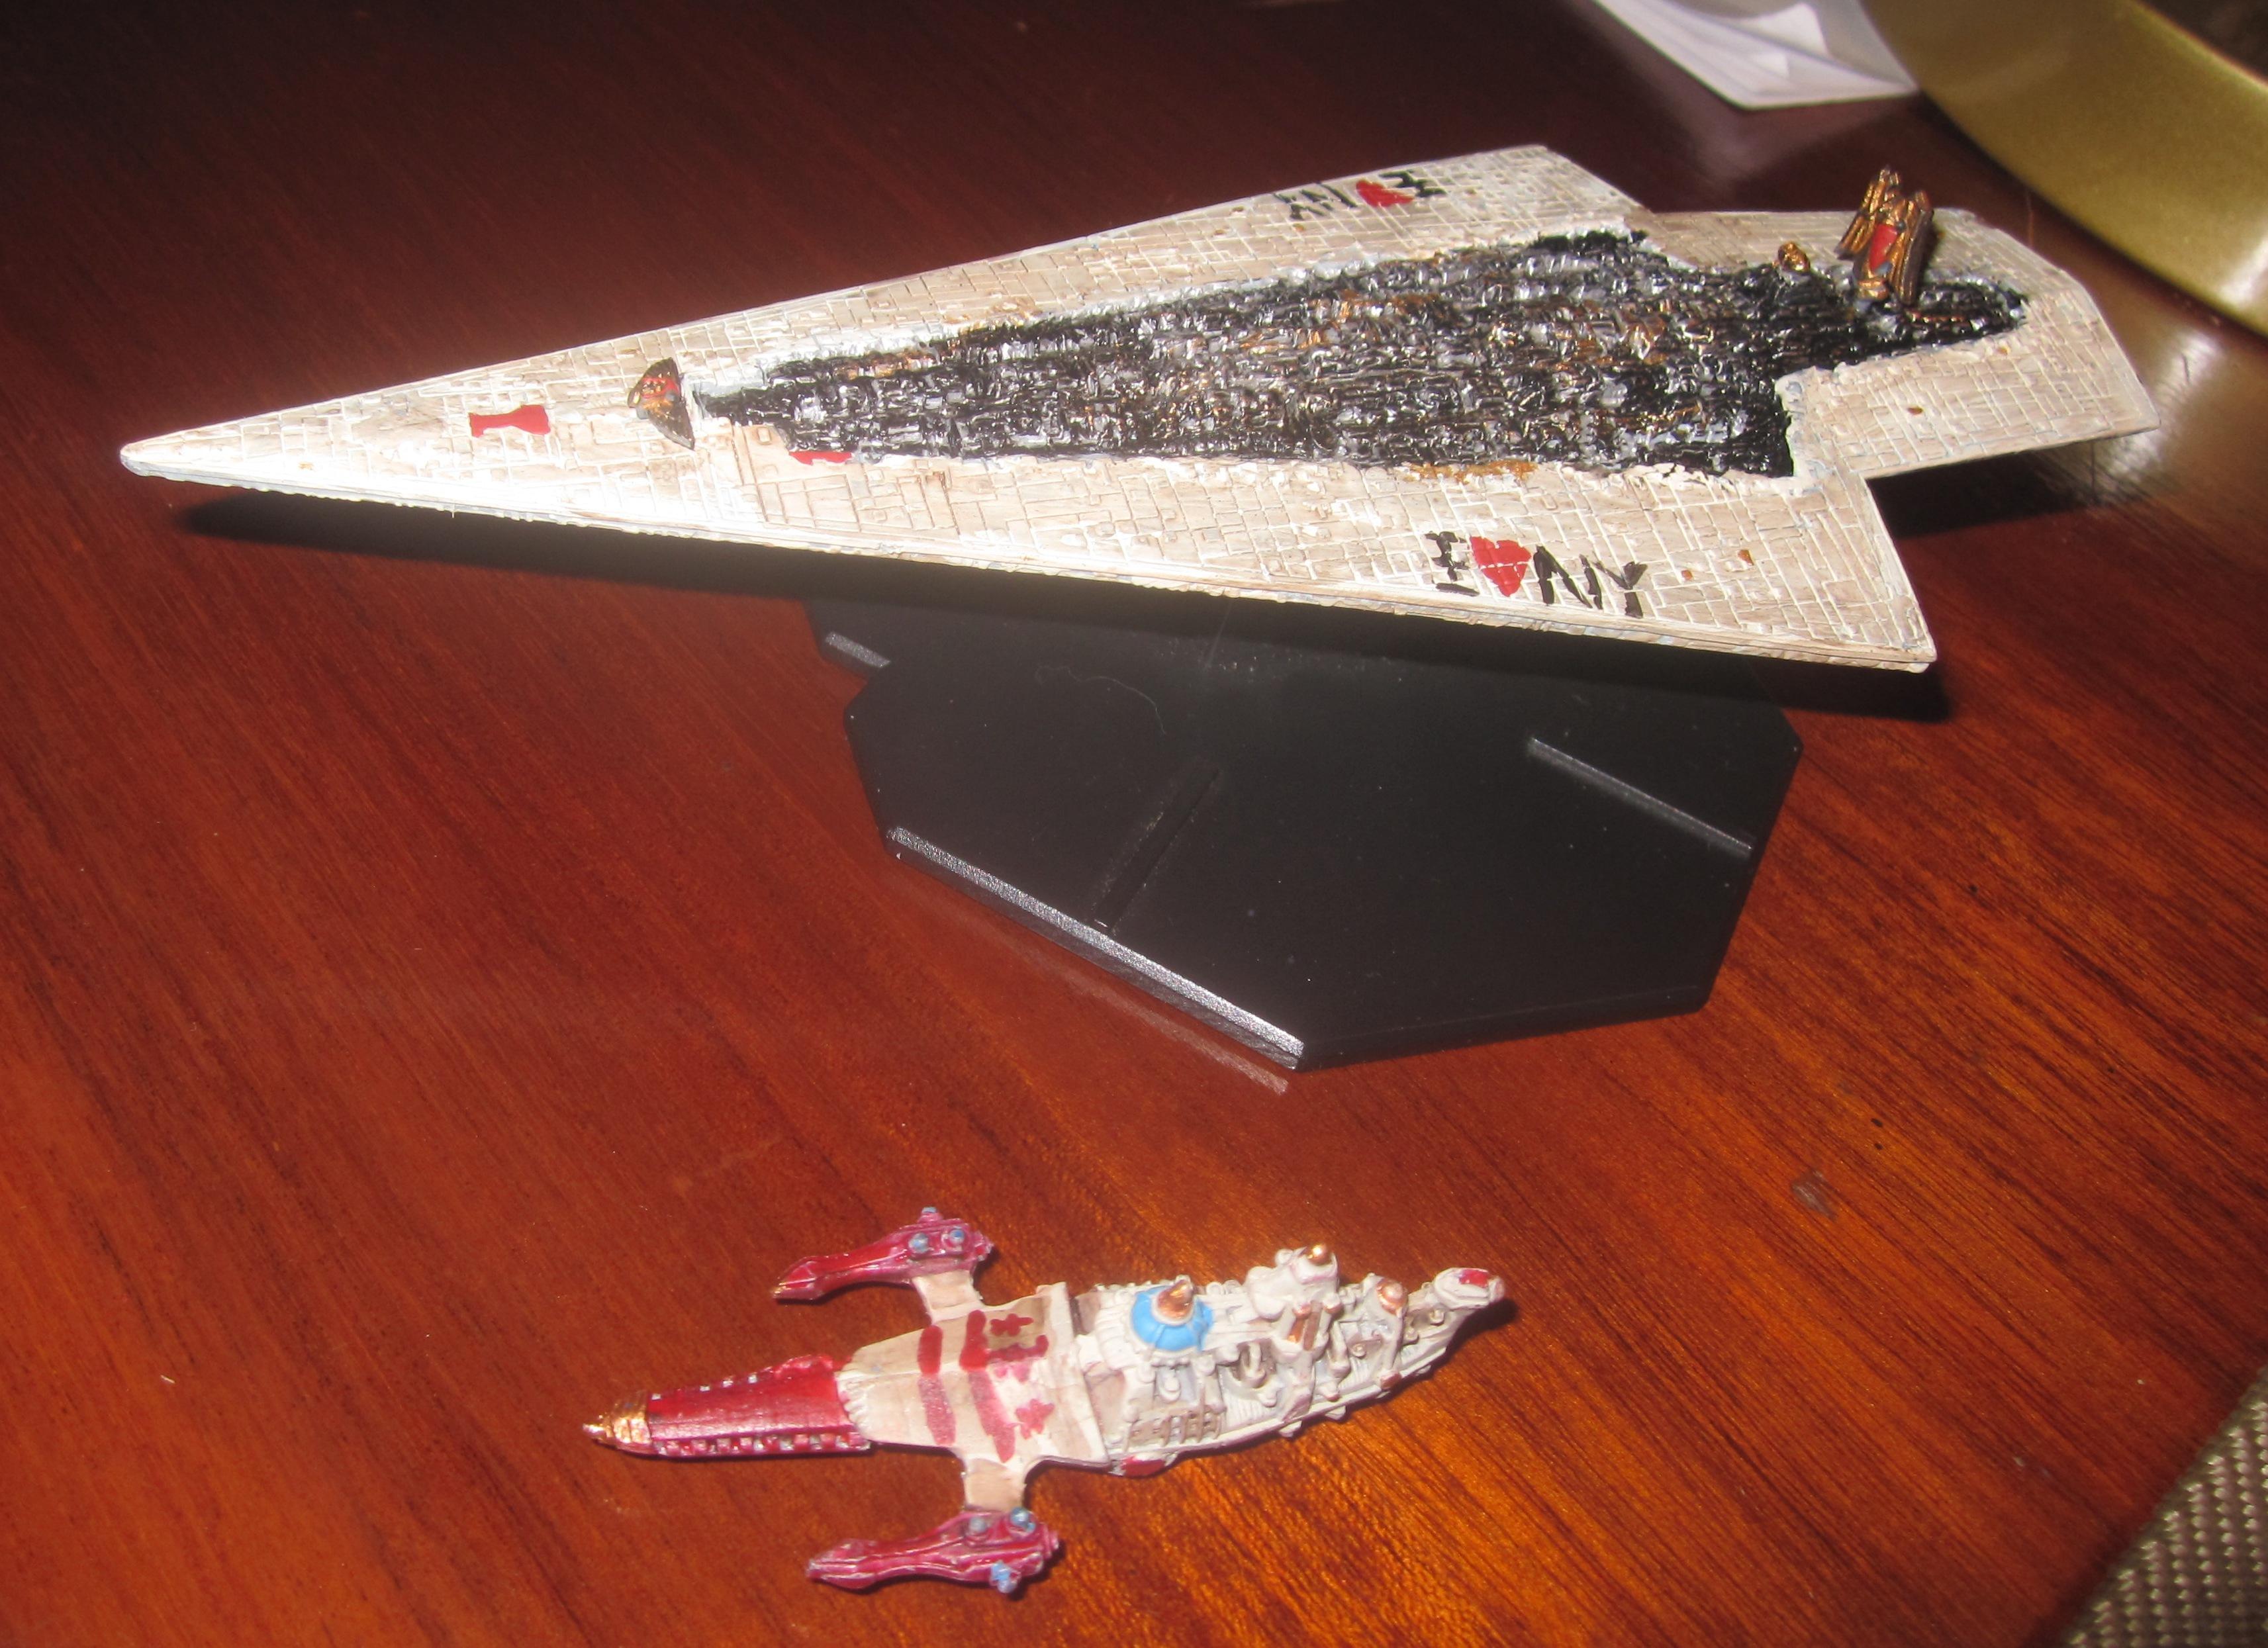 Buck Rogers, Spaceship, Star Wars Miniatures, Super Star Destroyer, Toy